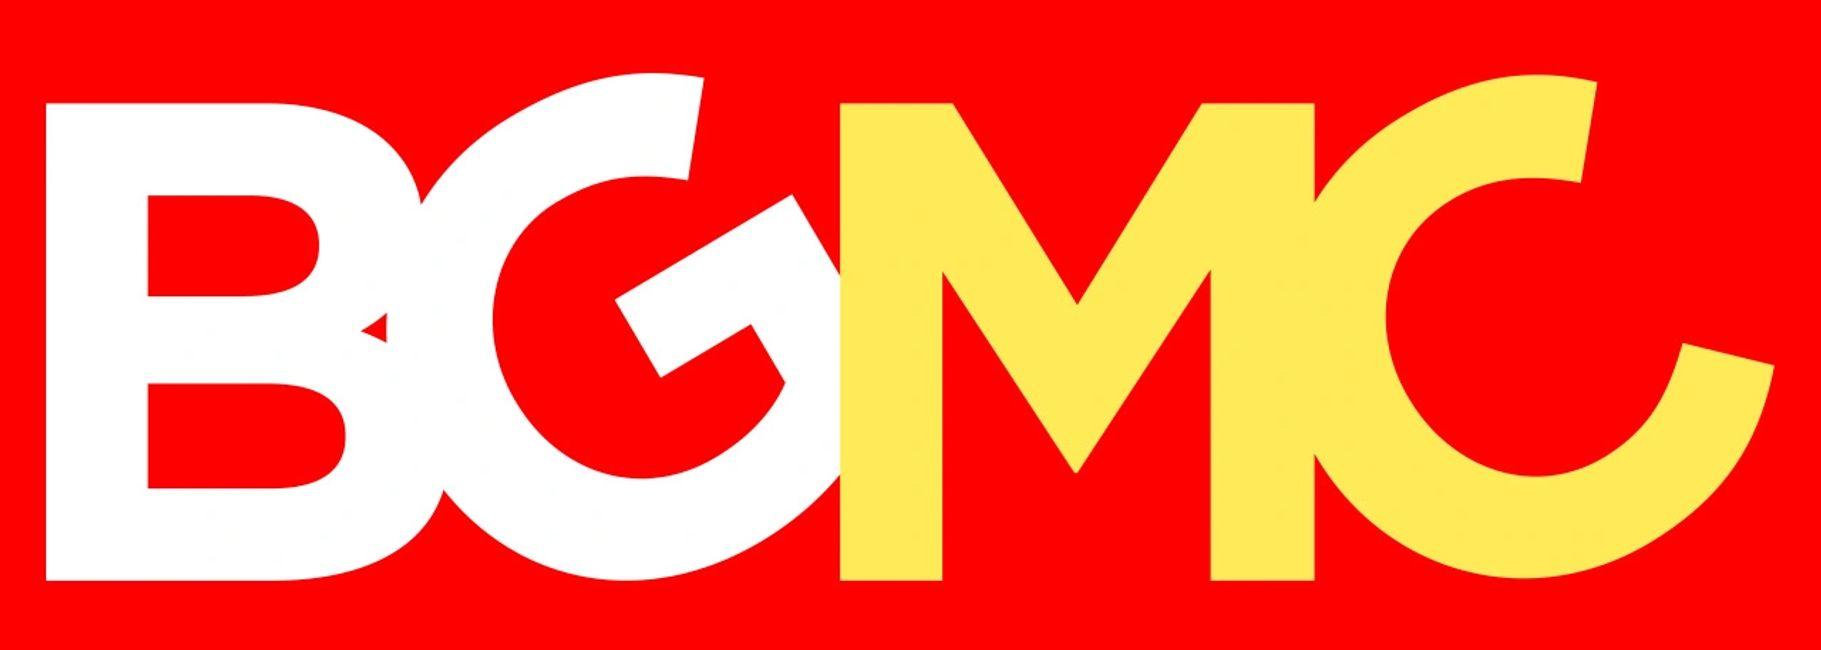 BGMC.